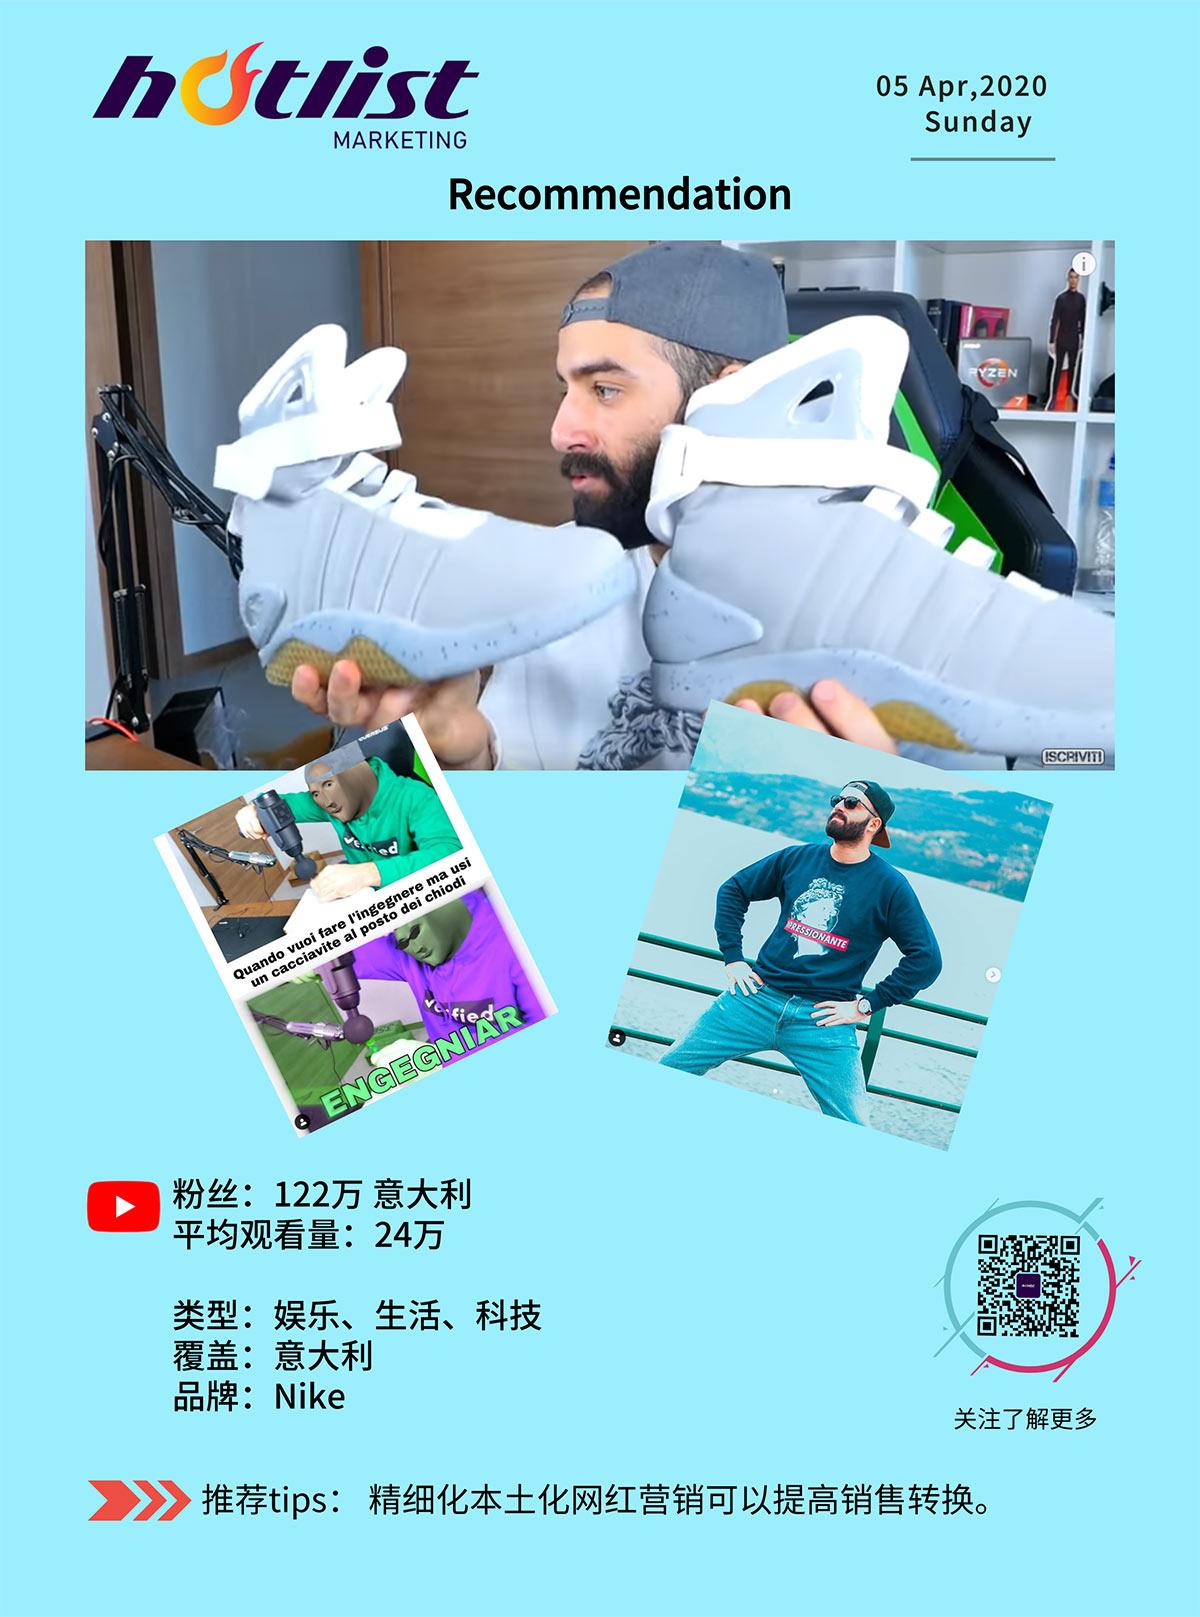 网红推荐_S7ORMy